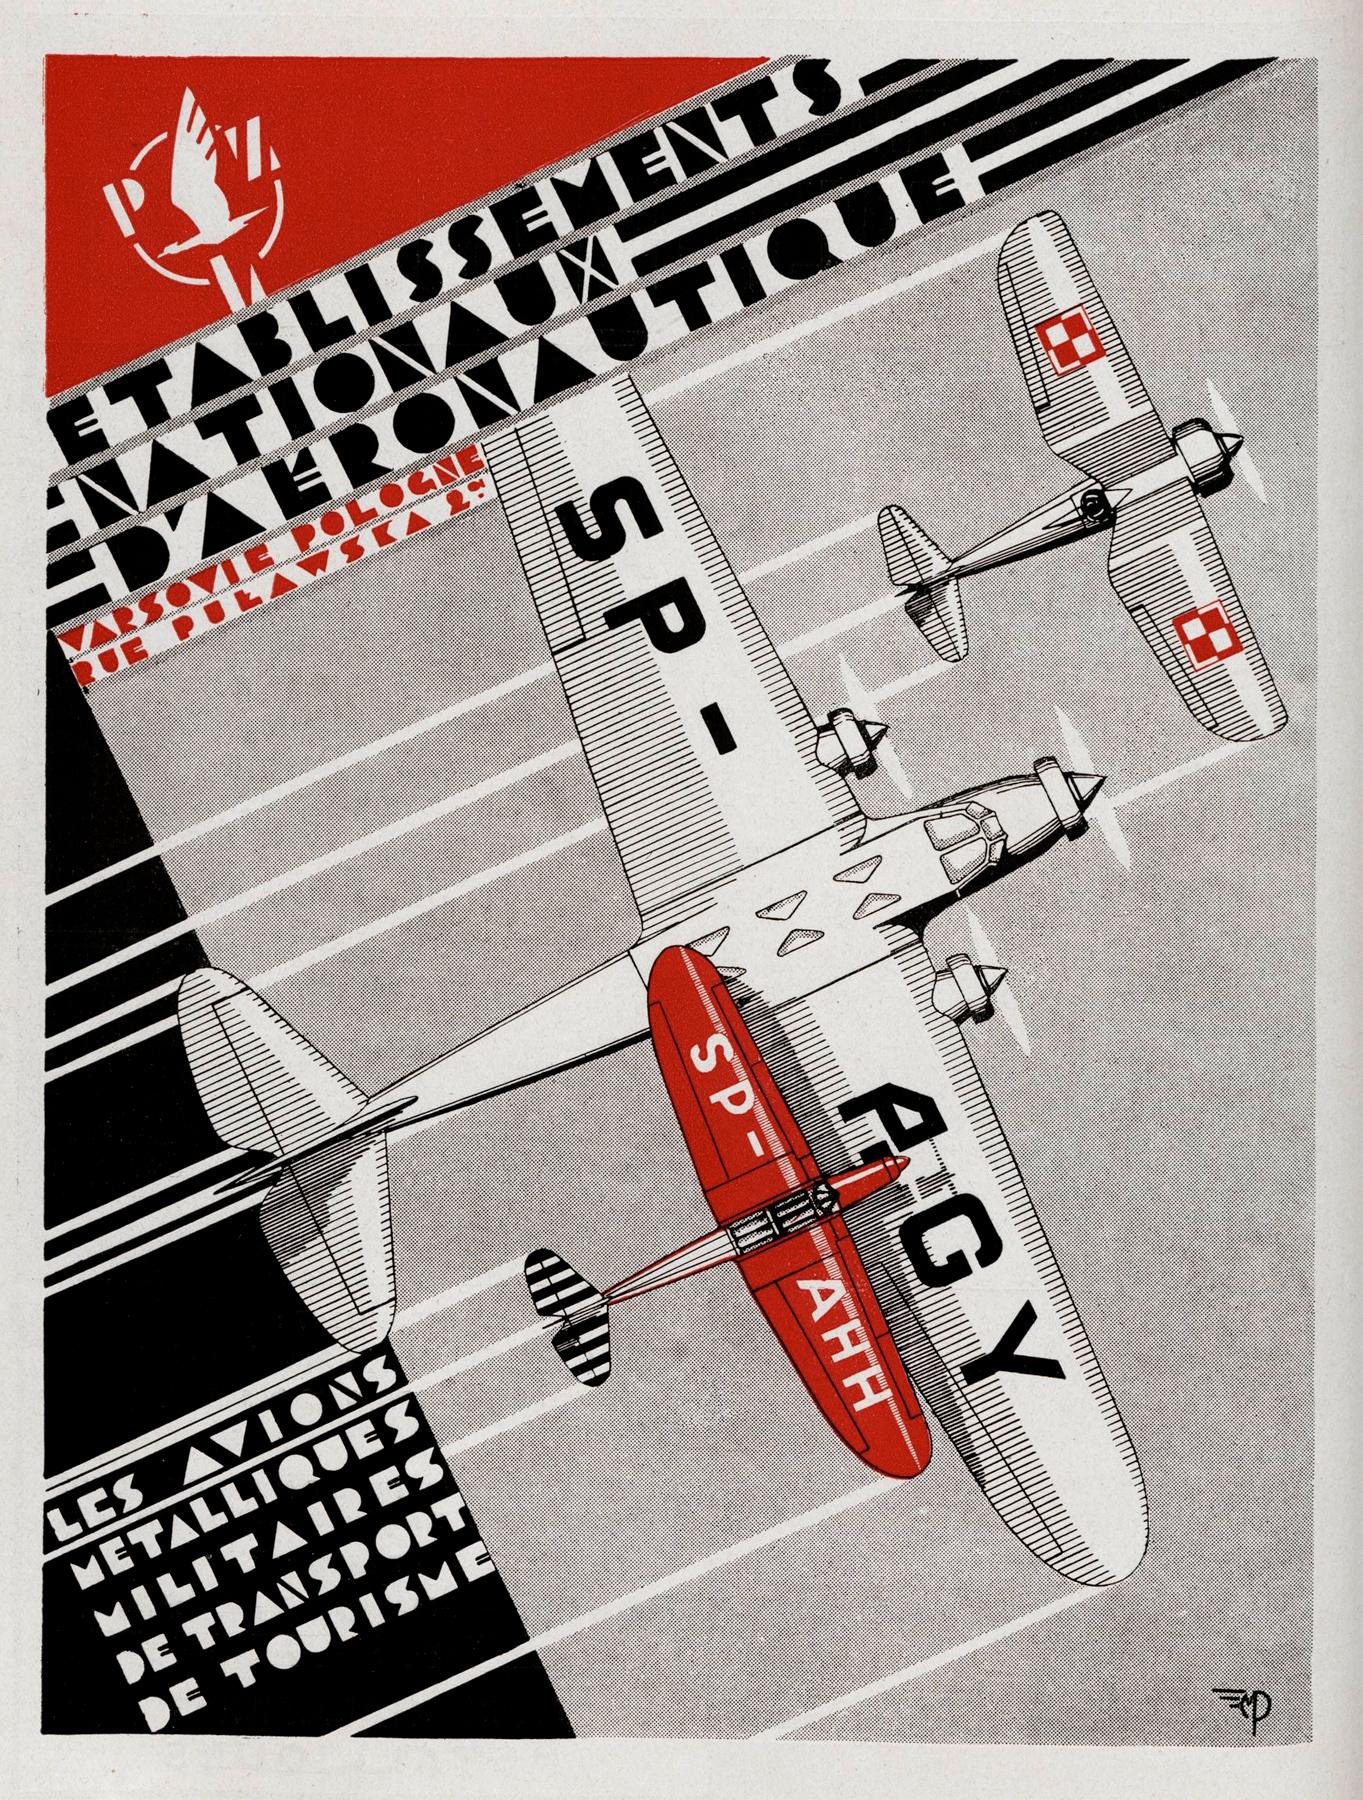 Laeronautique__oct-1933-3